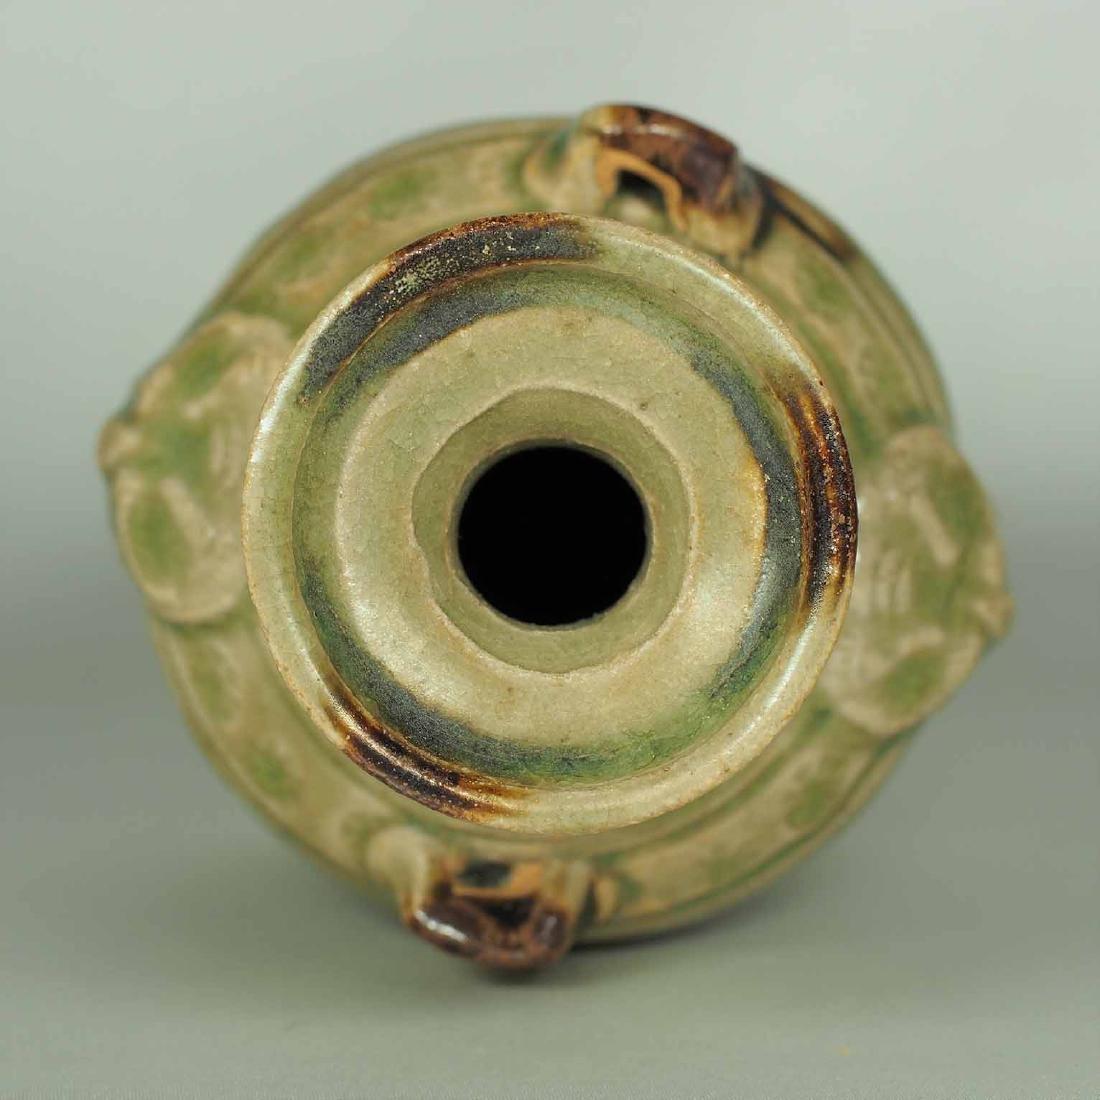 Yue Celadon Hu-form Water Pot, Eastern Jin Dynasty - 8